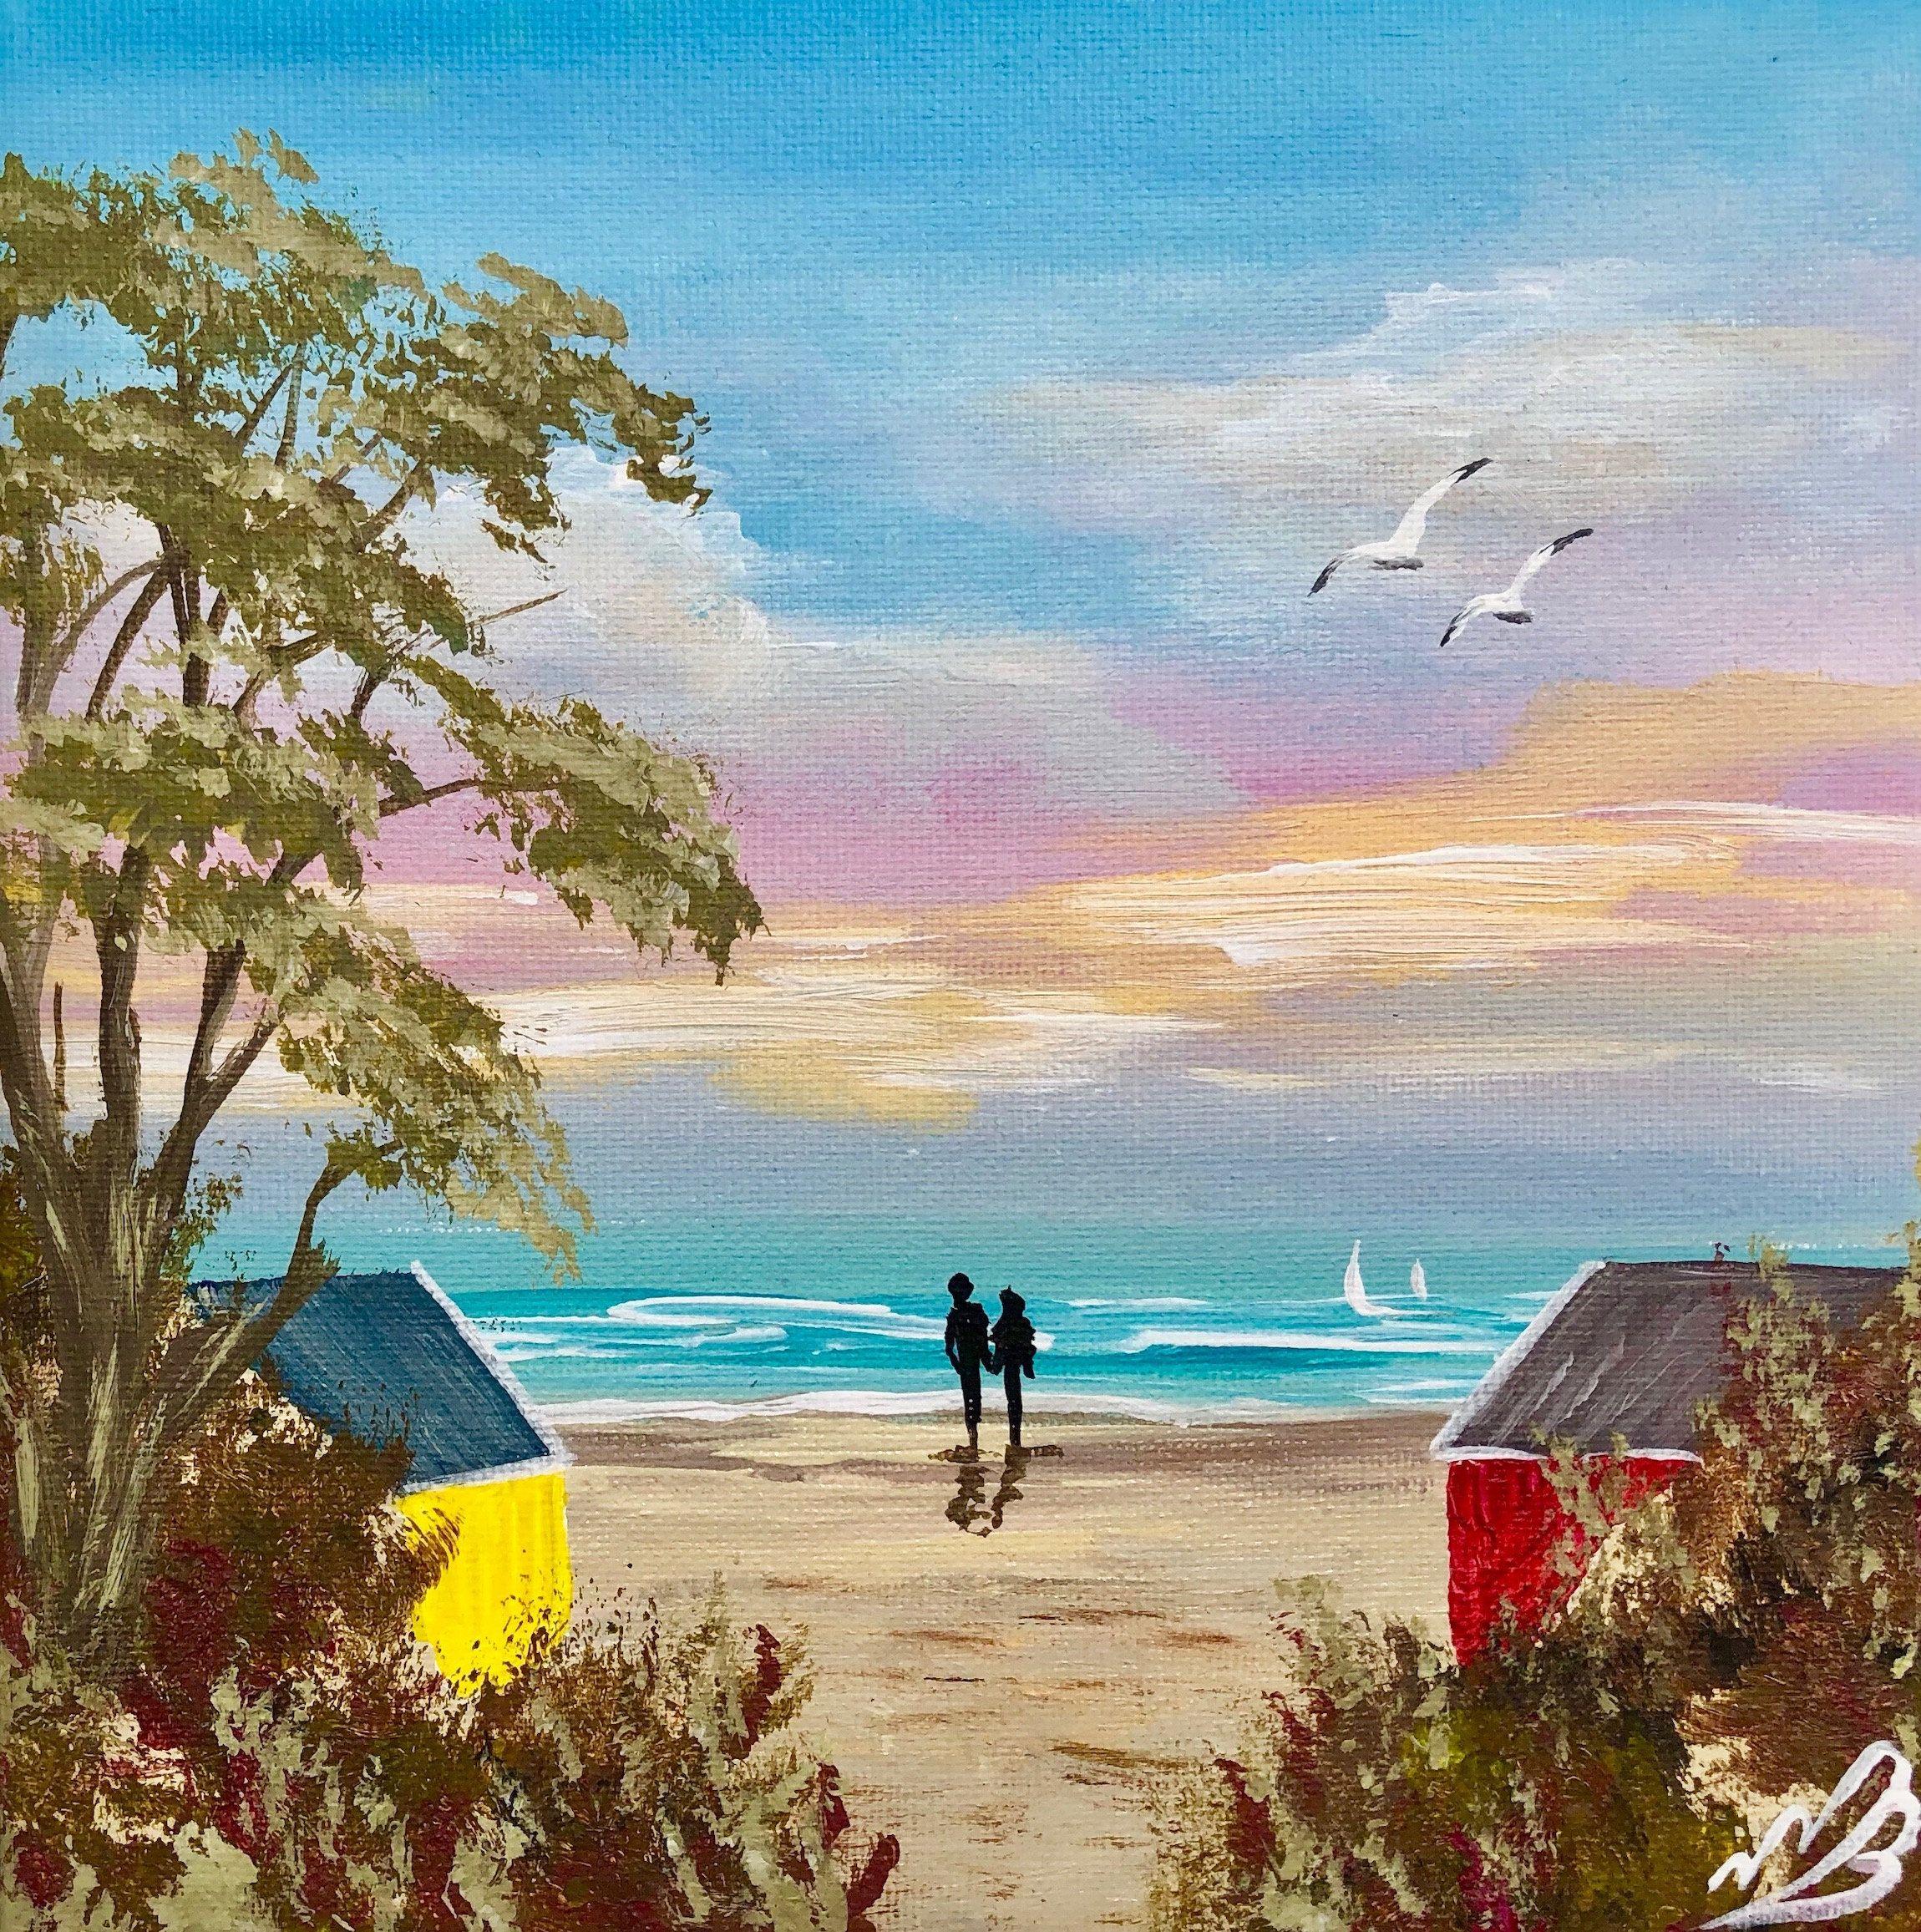 Beach huts in a cove original romantic sunset beach scene